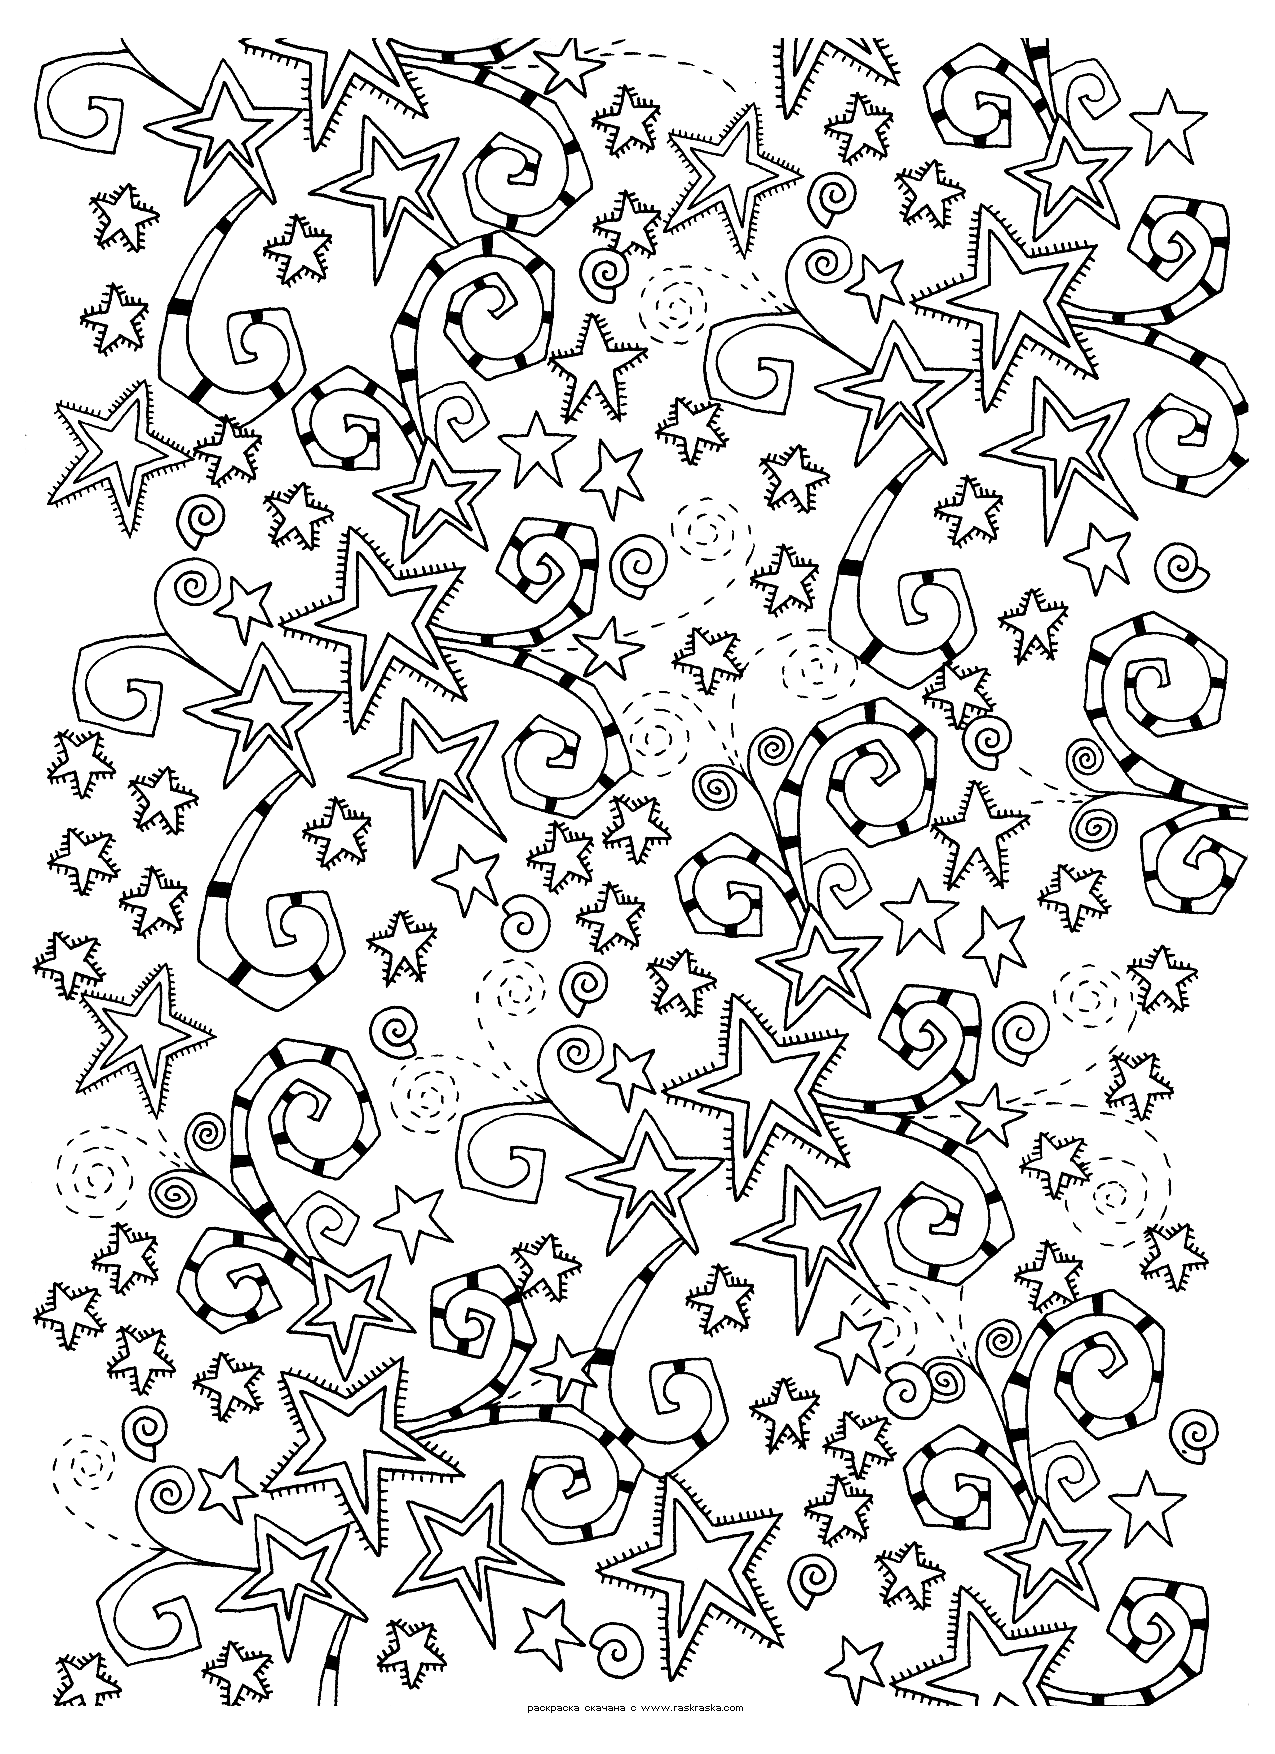 Раскраска Звезды. Раскраска космос, звезды, антистресс